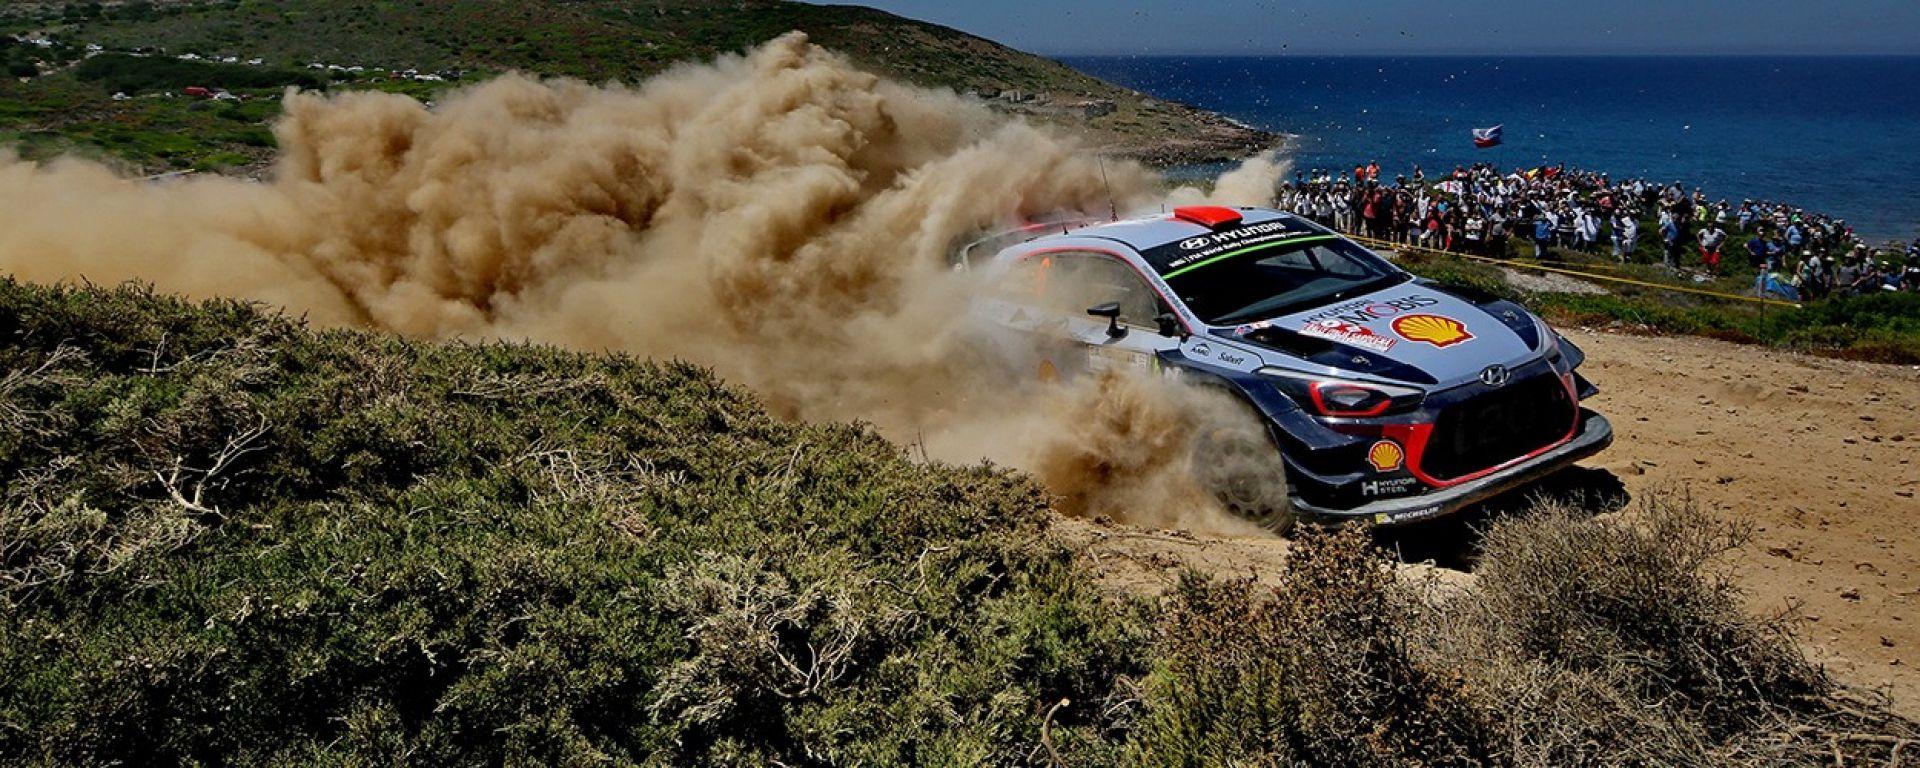 WRC Rally Sardegna Italia 2018, tutte le info: orari, risultati prove speciali, programma, gara